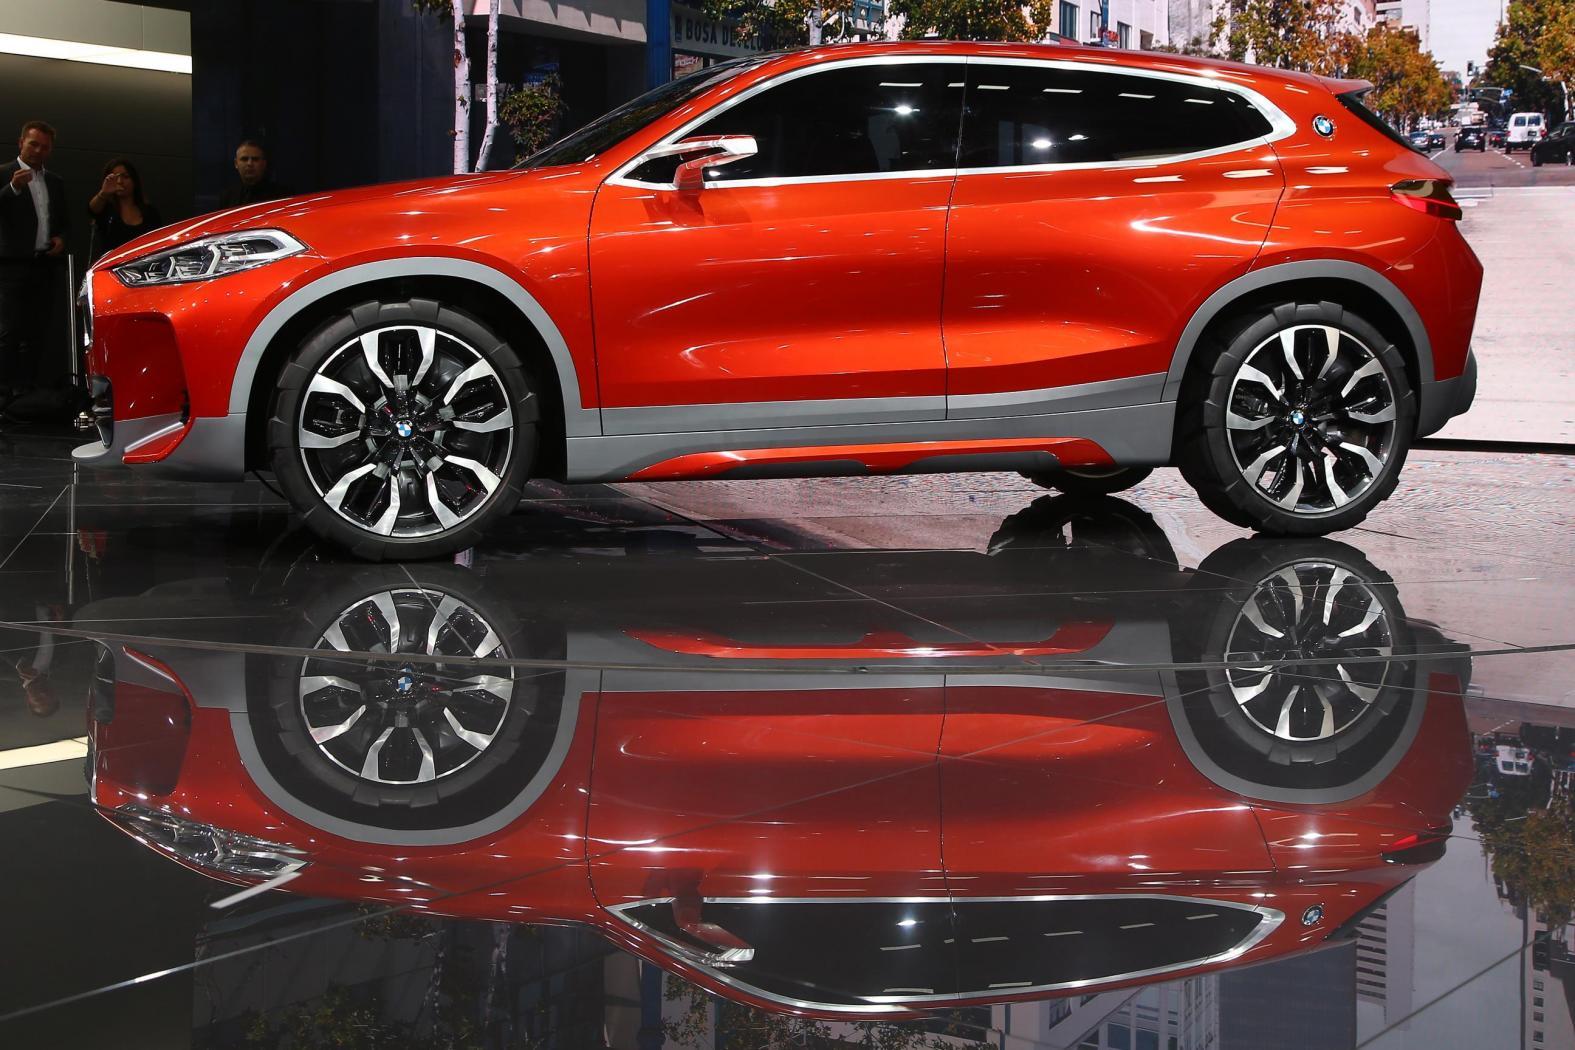 BMW-X2-Vvue-laterale.jpeg